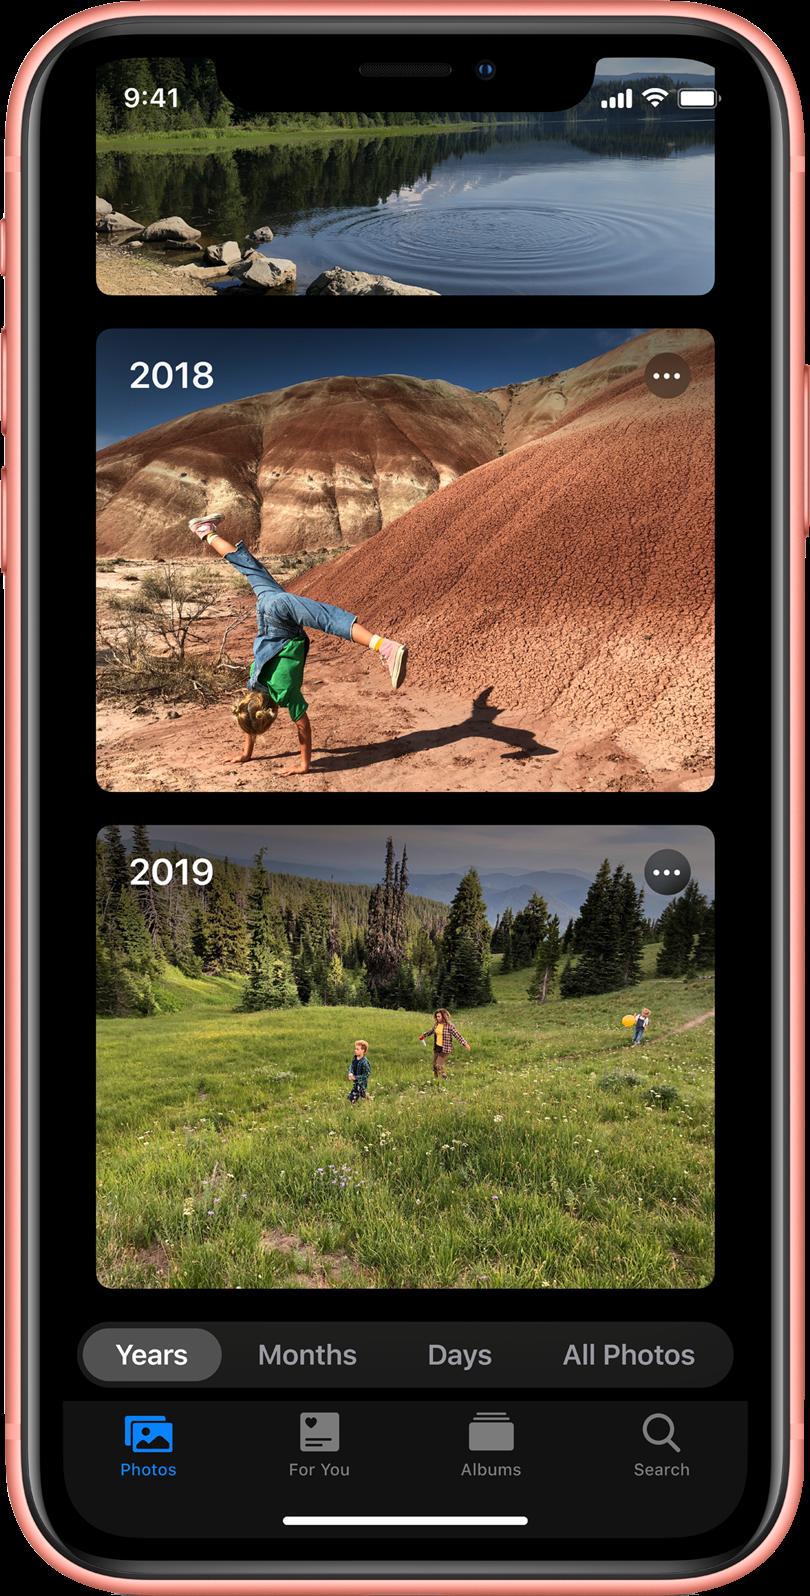 macOS public beta, iOS 13 public beta